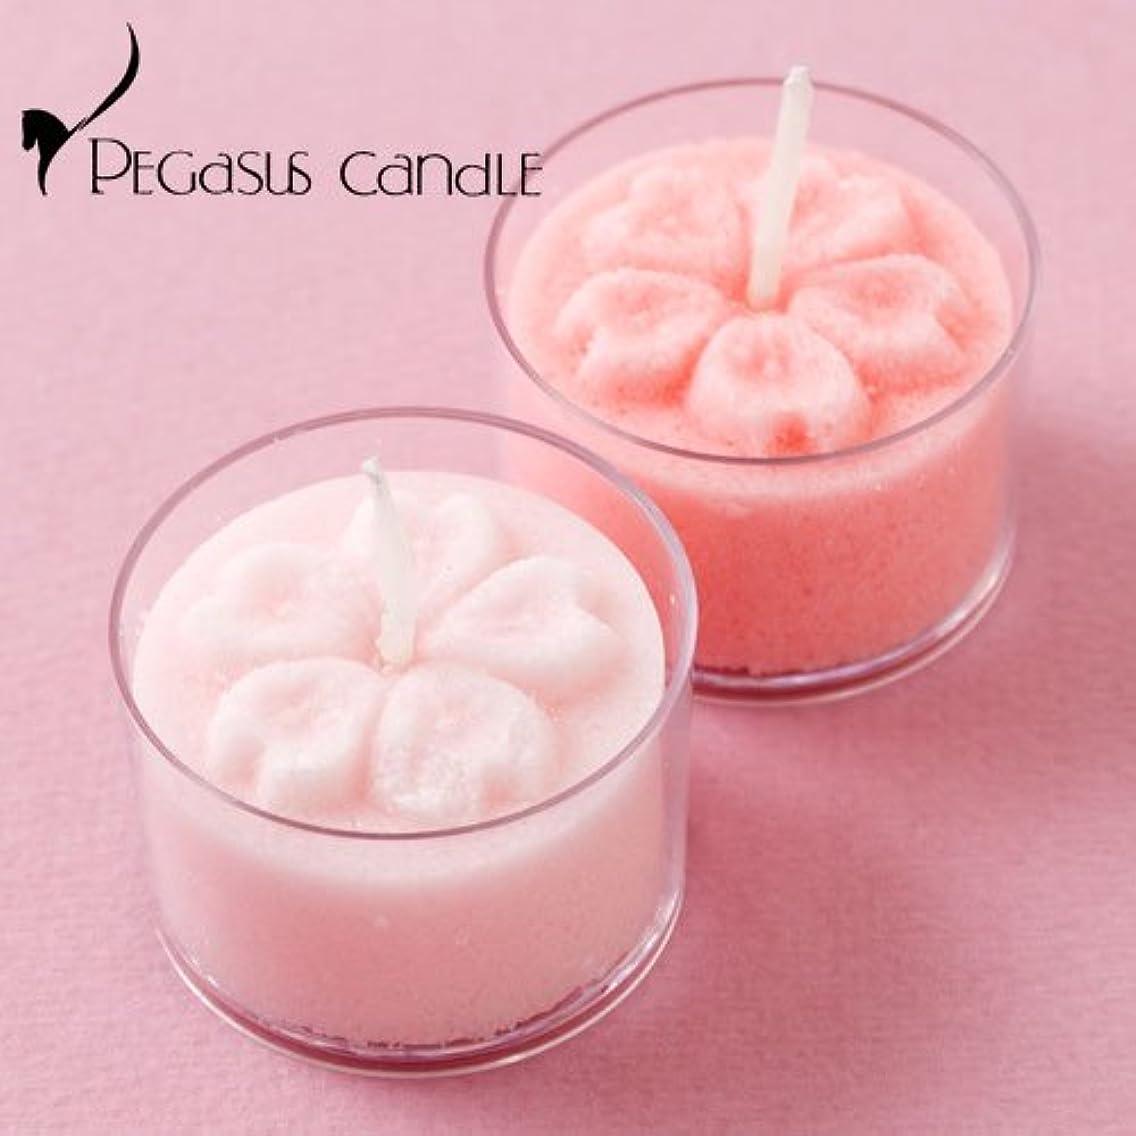 こどもセンターファックス役割花暦桜花の形のキャンドル2個セット(無香タイプ)ペガサスキャンドルFlower shaped candle